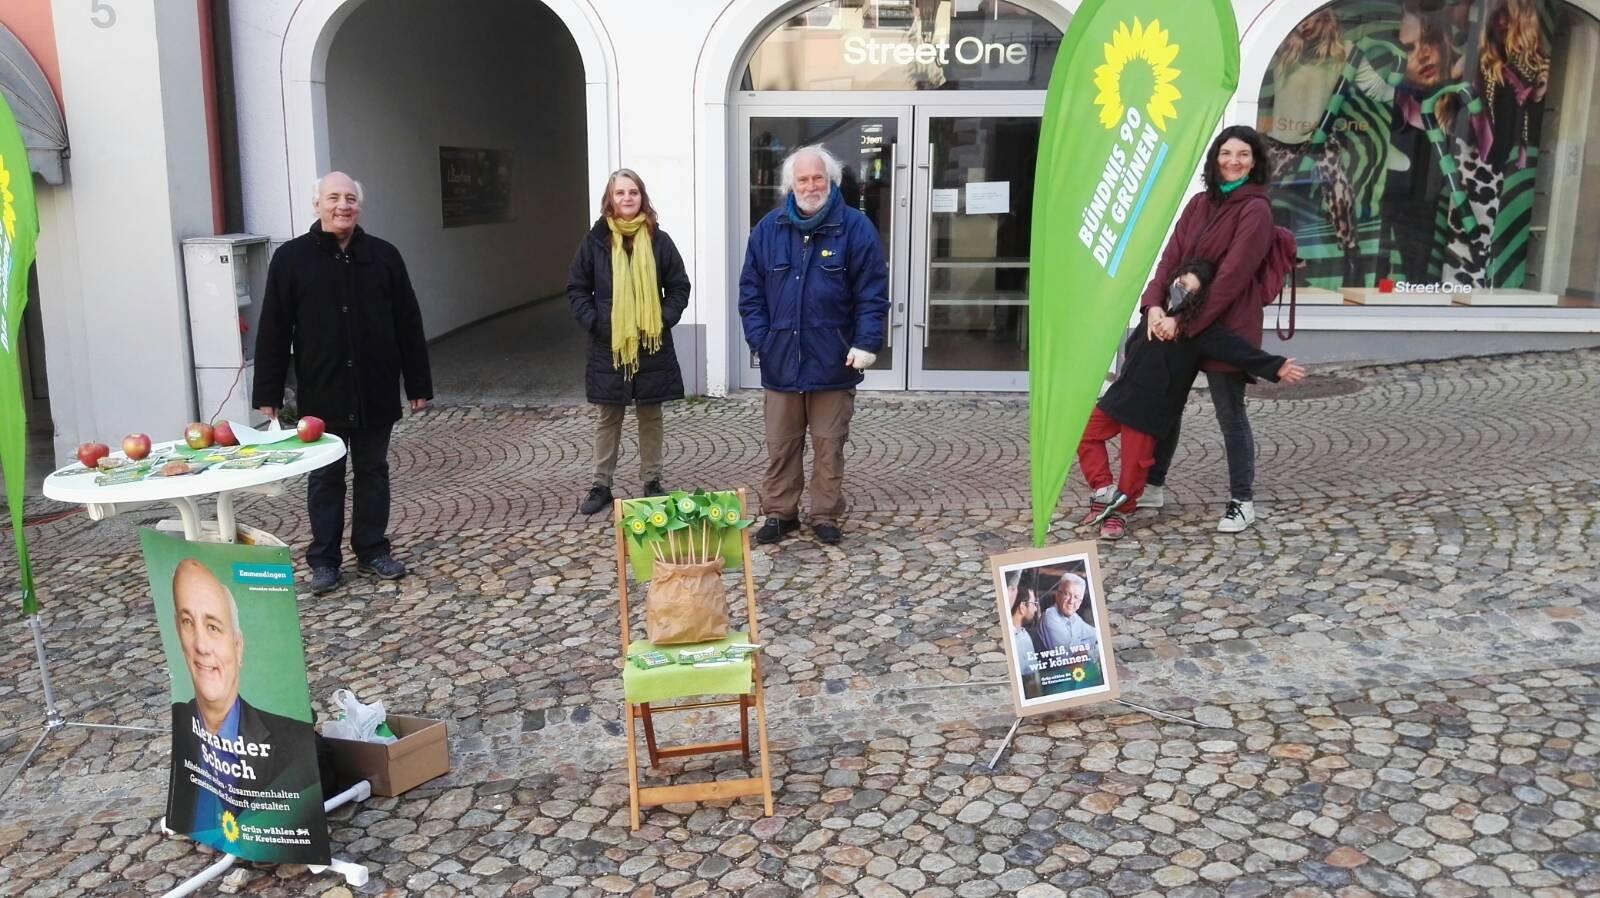 Wahlkampf auf dem Marktplatz